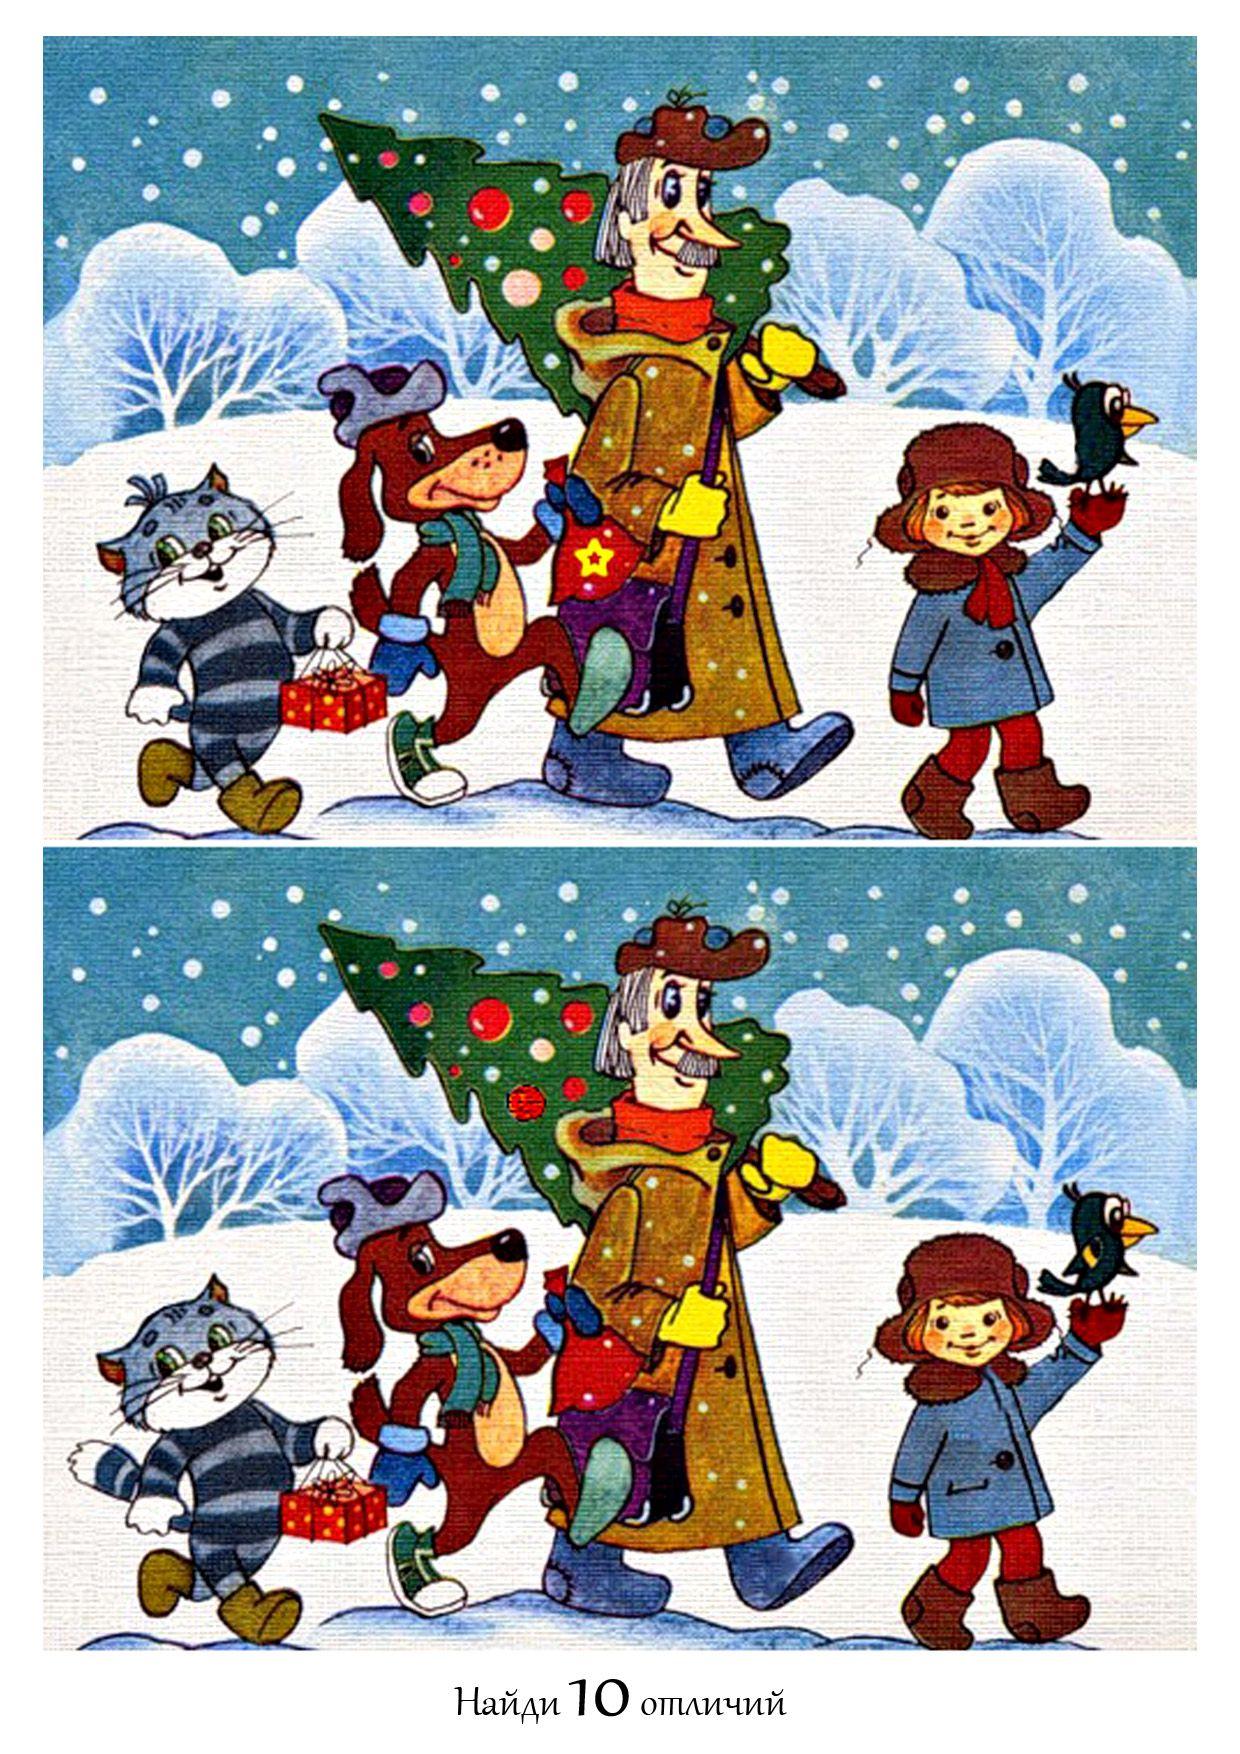 Найди отличия. Зима | Рождественские календари, Дошкольные ...